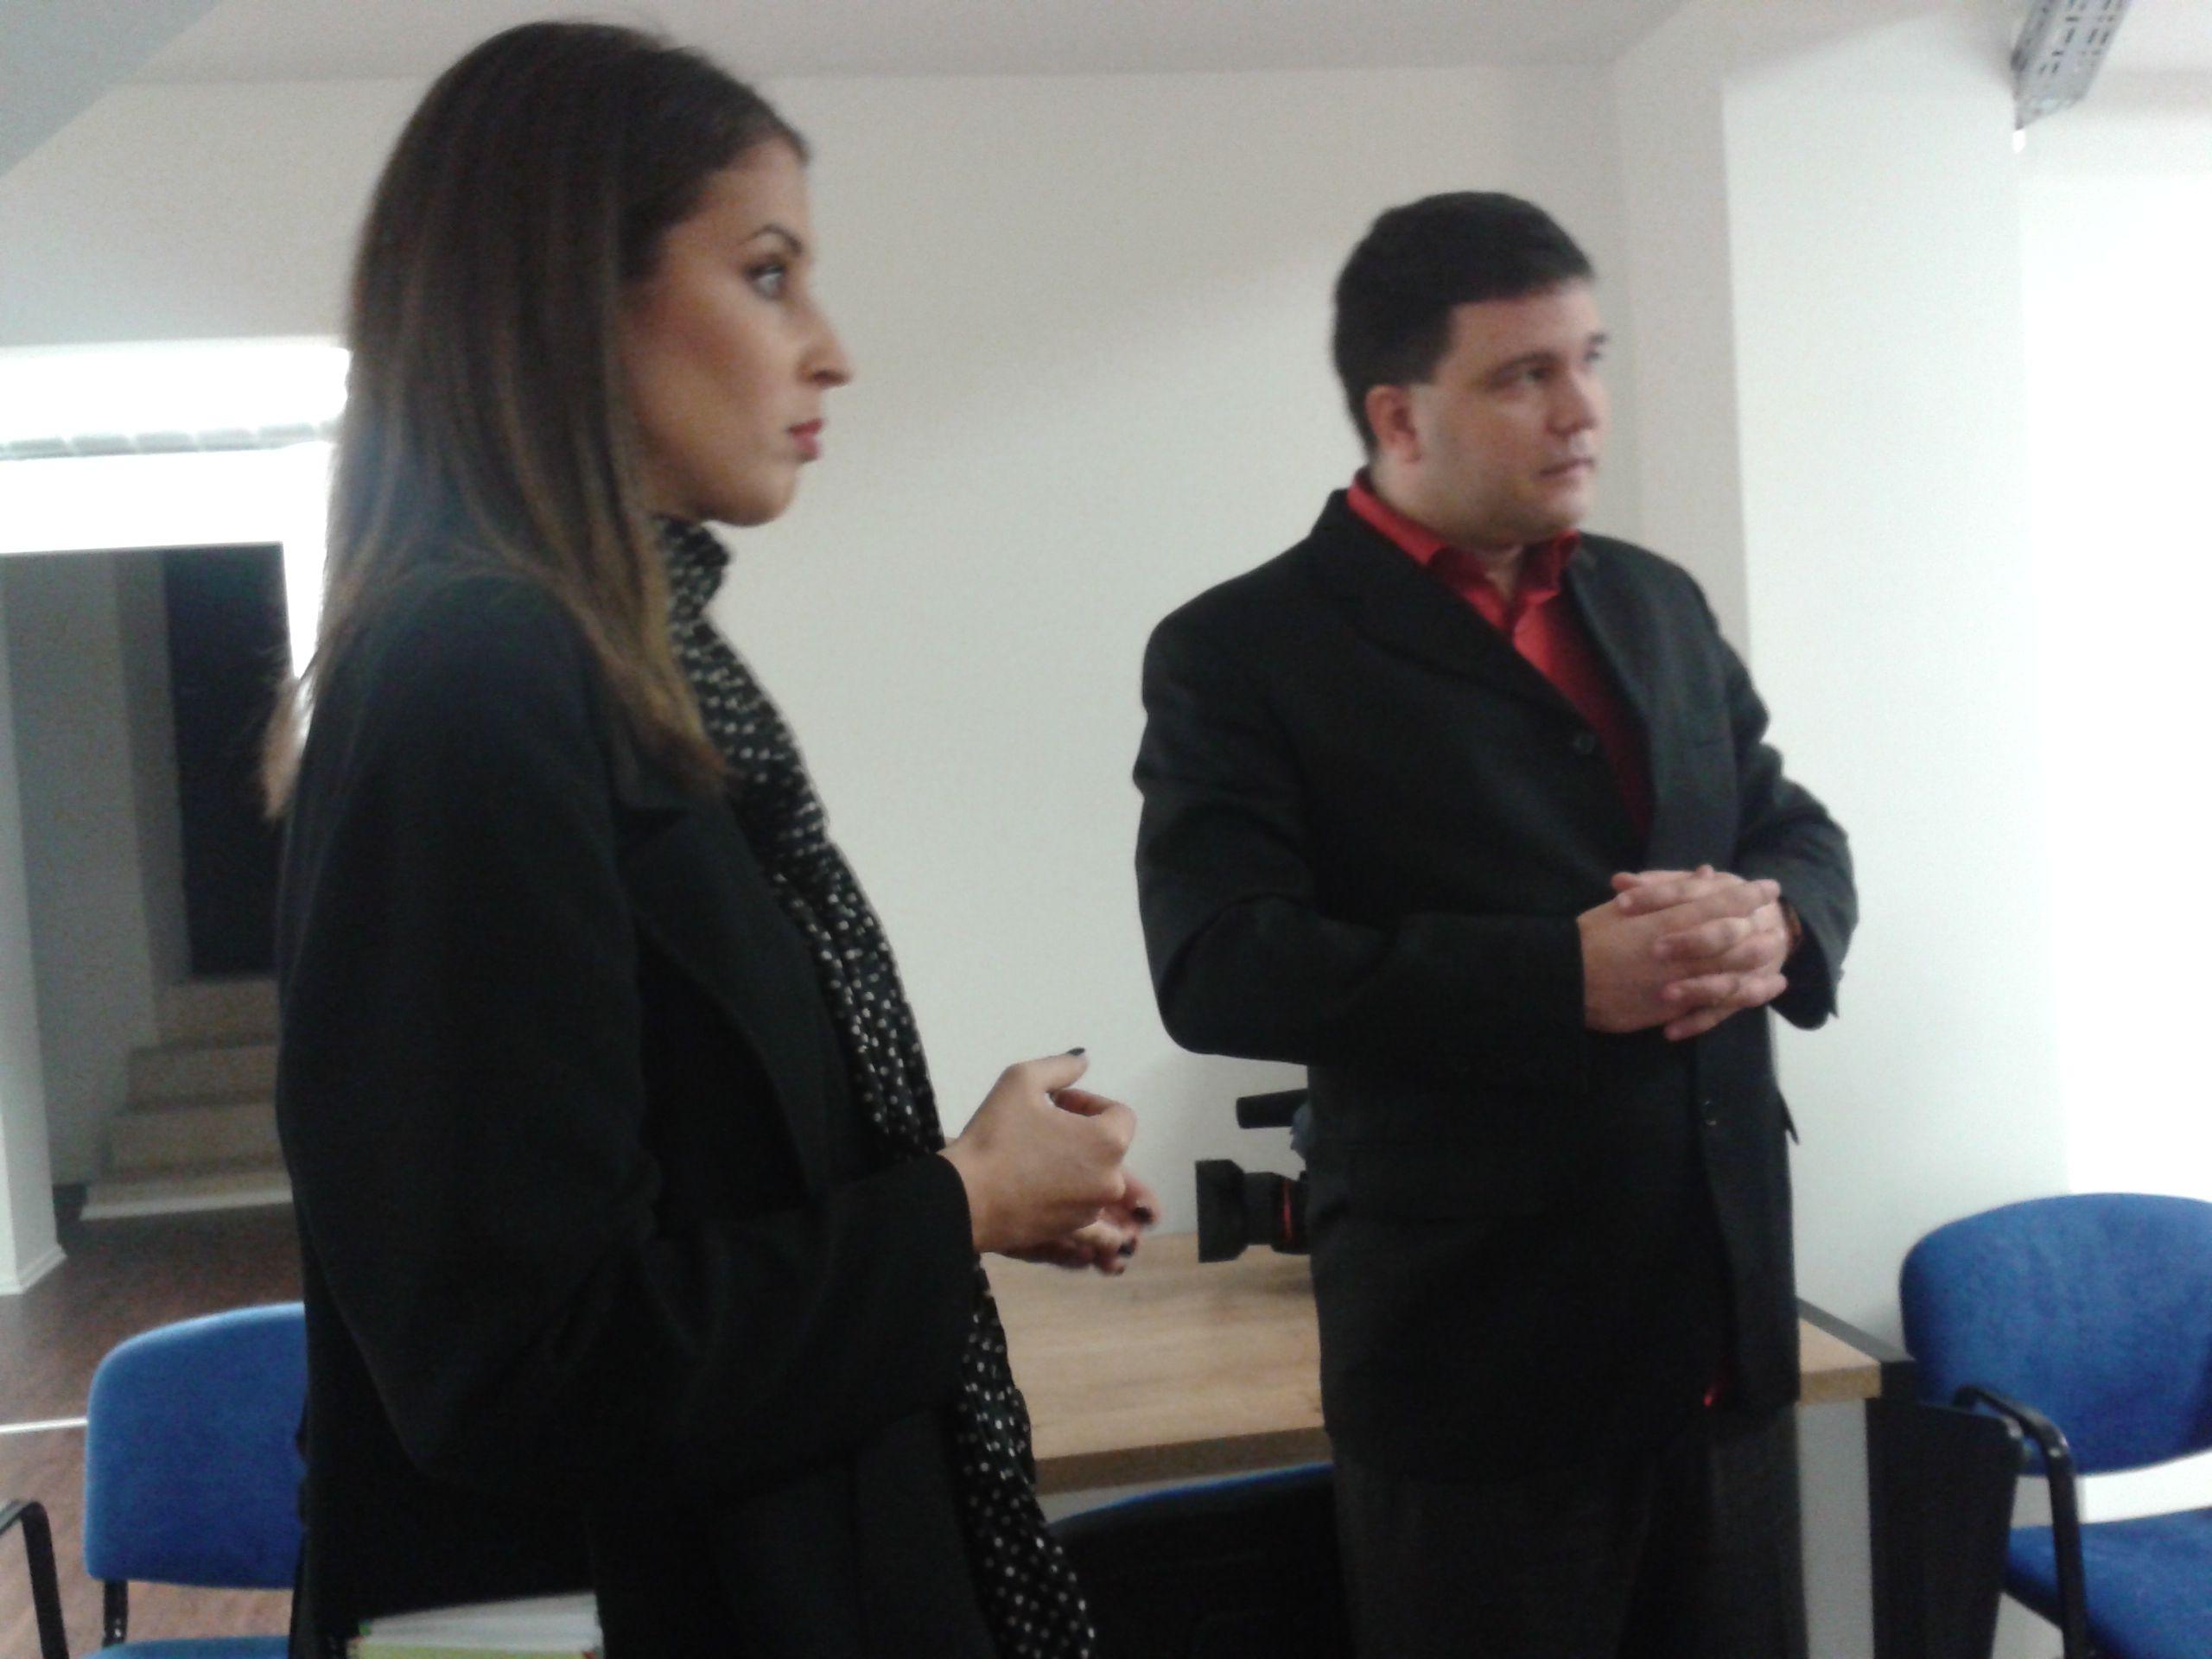 executive assistant bsn ivana marjanovi and head of bsn team mr boscaronko nektarijevi263 executive manager bsn sandra babi263 interview